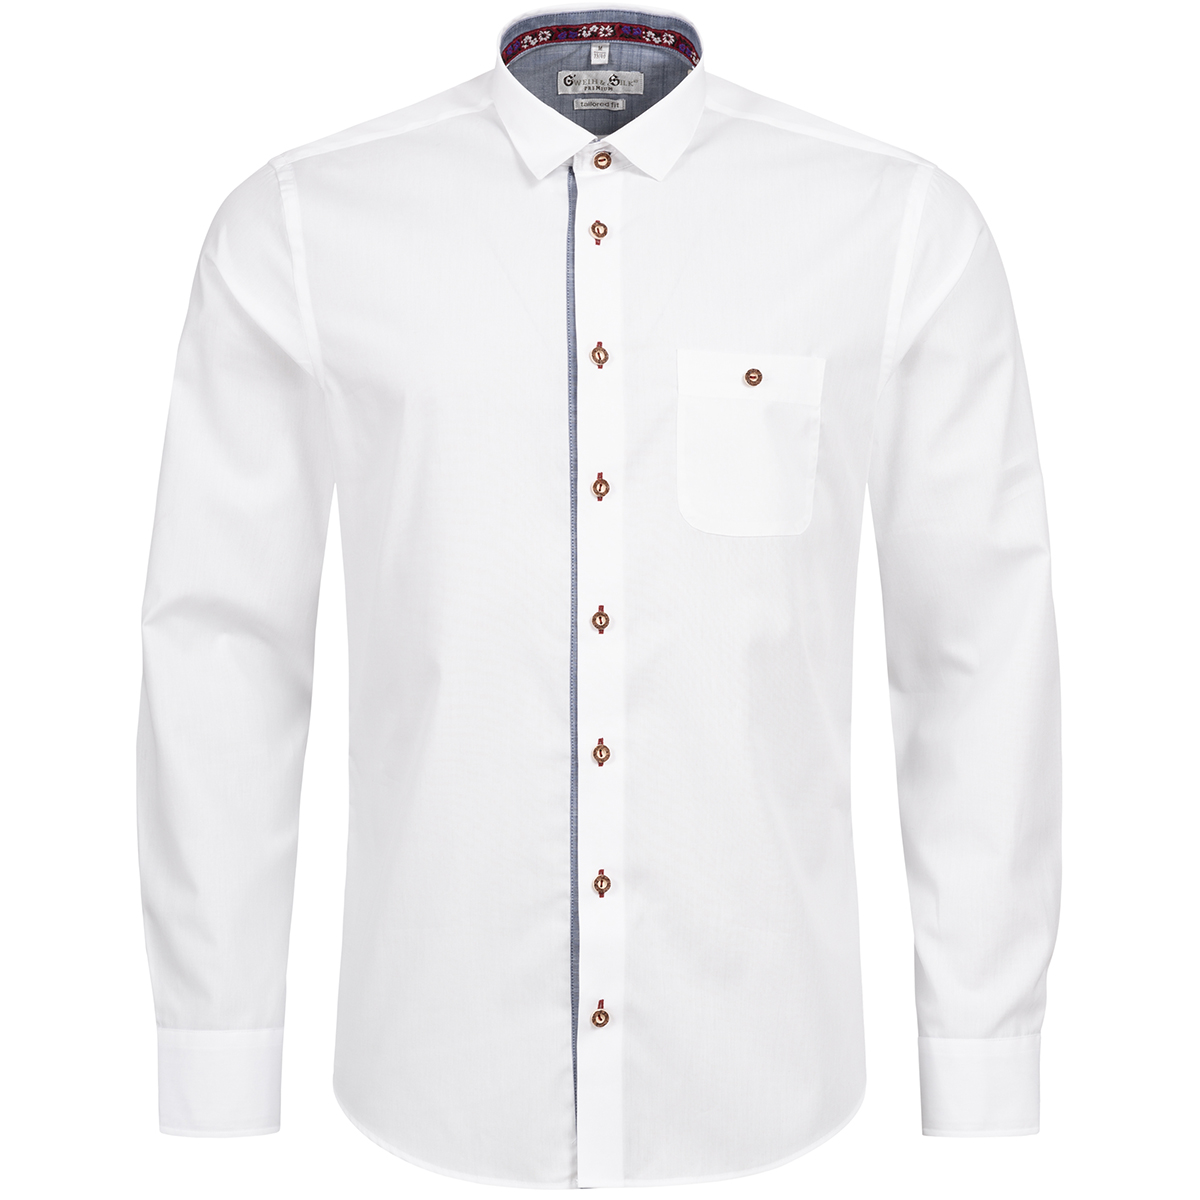 Trachtenhemd Body Fit Riessersee zweifarbig in Weiß und Blau von Gweih und Silk günstig online kaufen